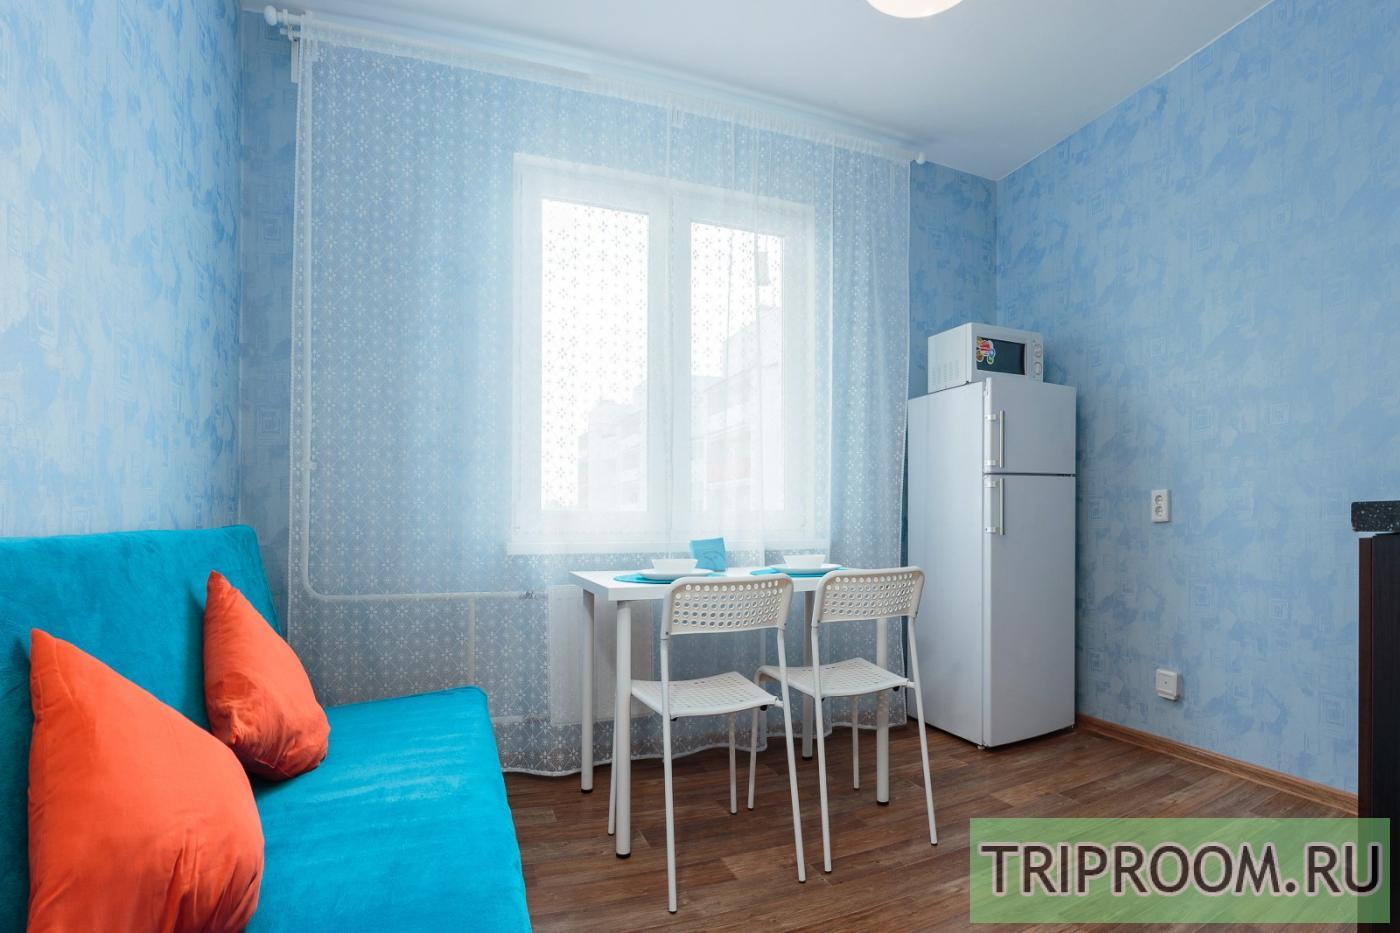 1-комнатная квартира посуточно (вариант № 16235), ул. Анатолия Мехренцева улица, фото № 8